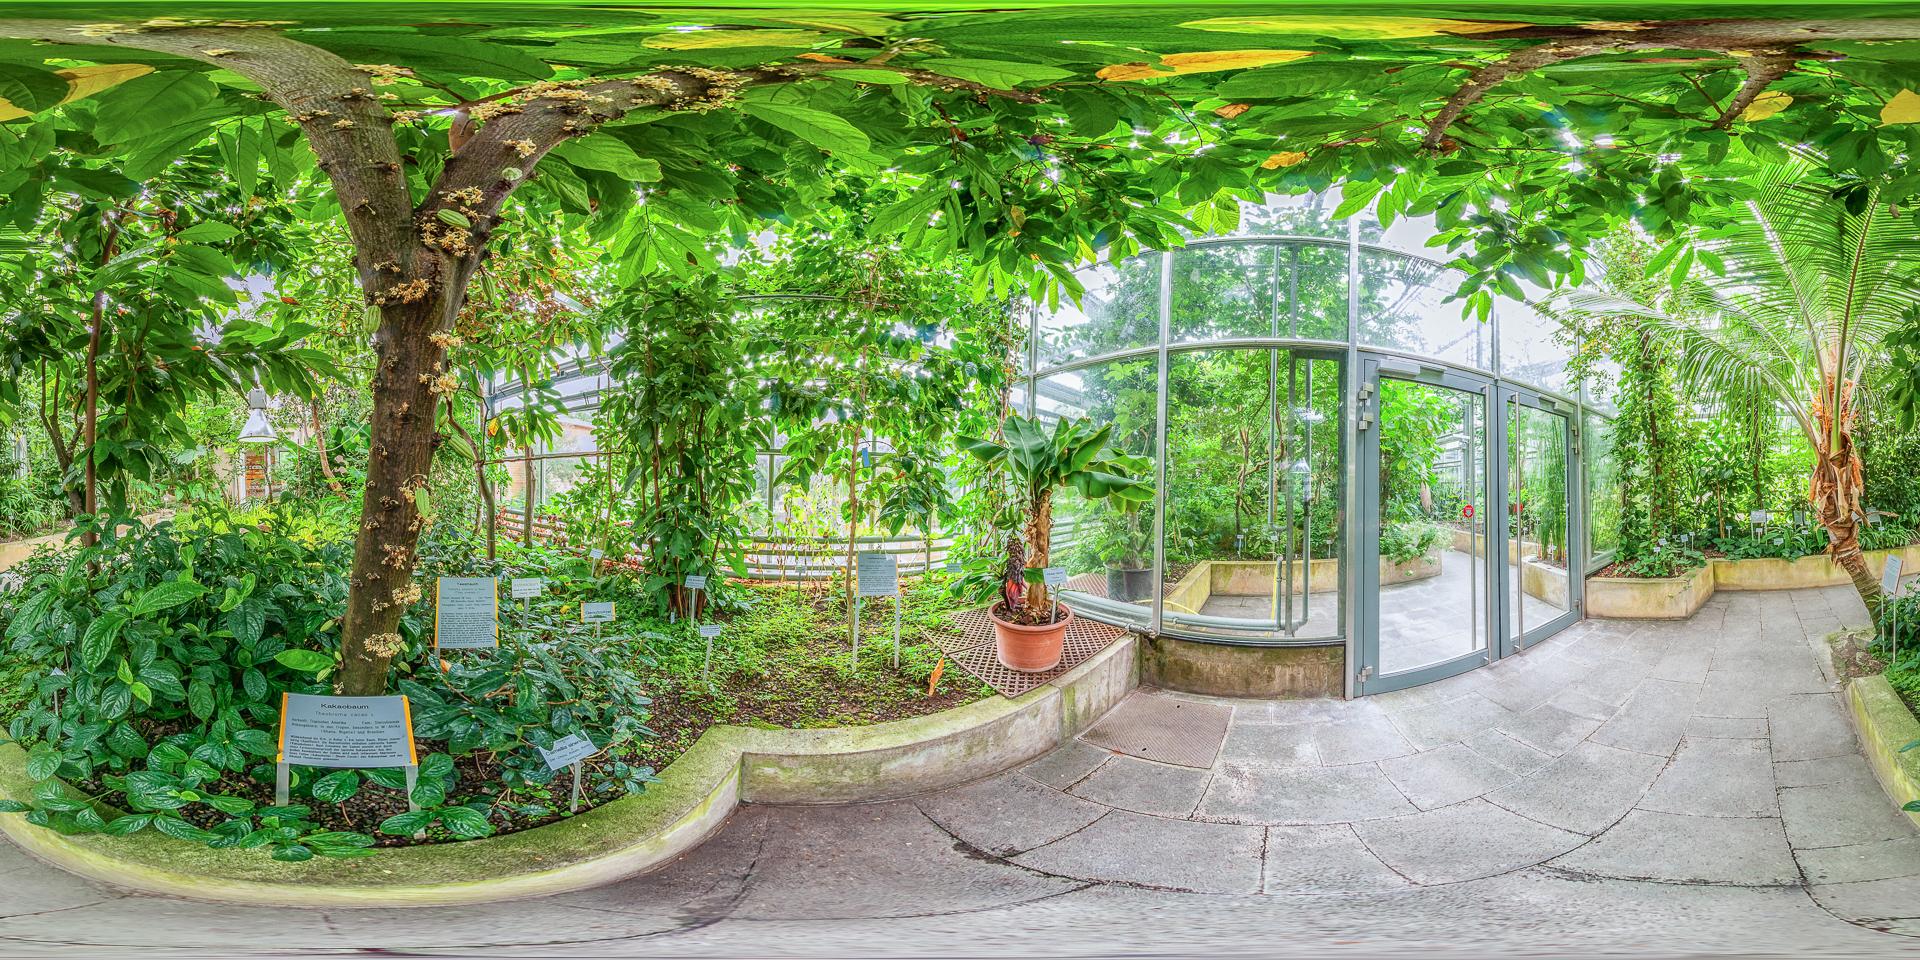 Botanischer-Garten-Wuerzburg-Nutzpflanzen